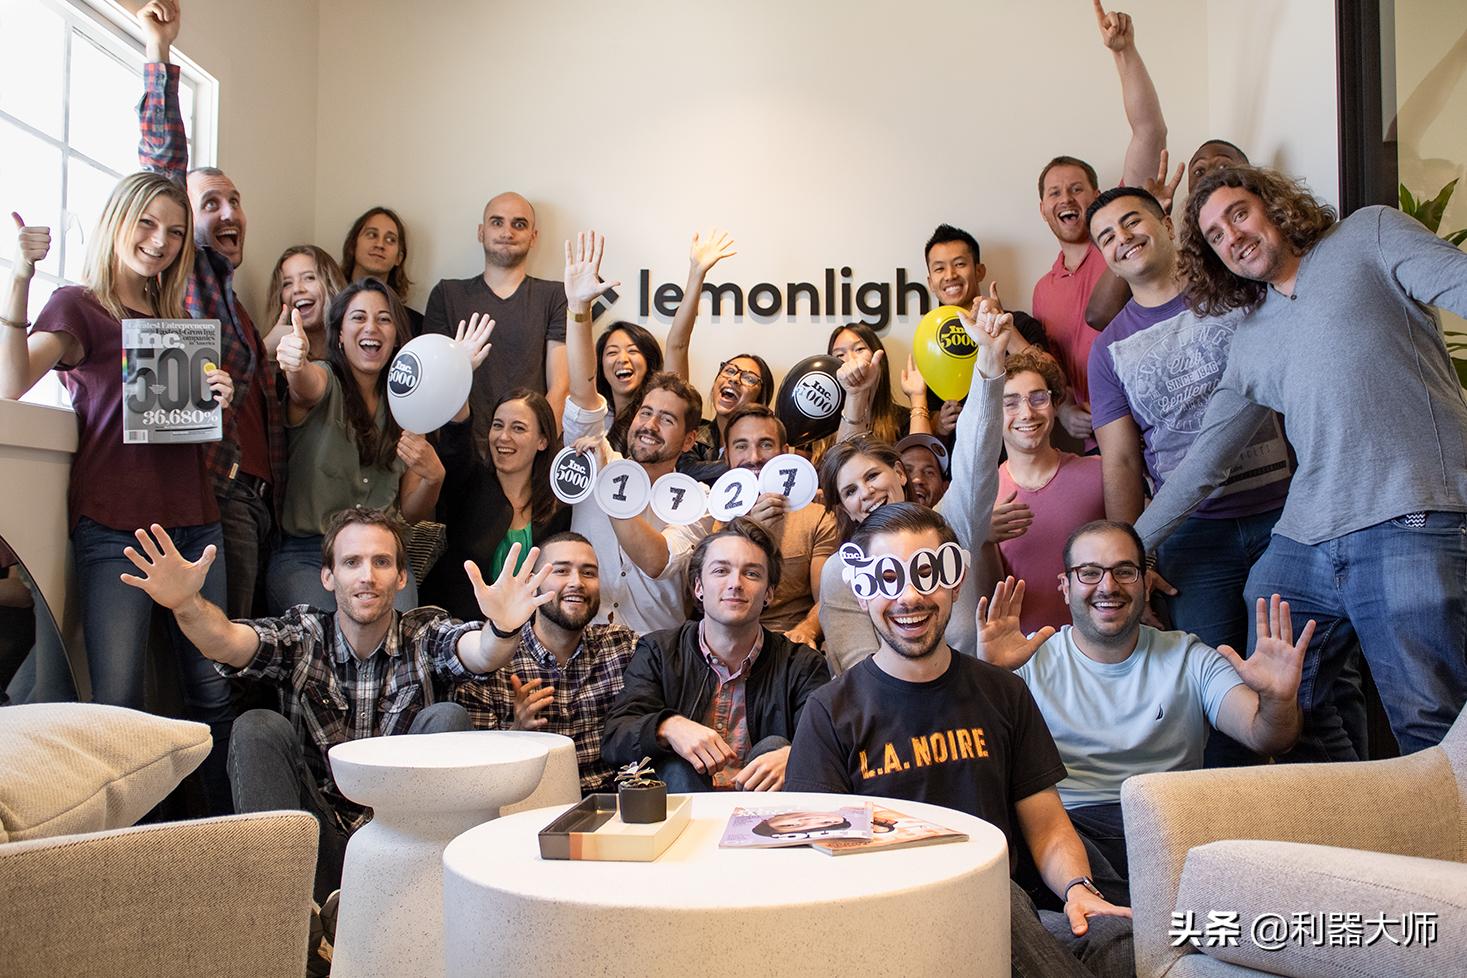 3名同事合伙创业,为亚马逊等客户提供视频制作服务,月入60万